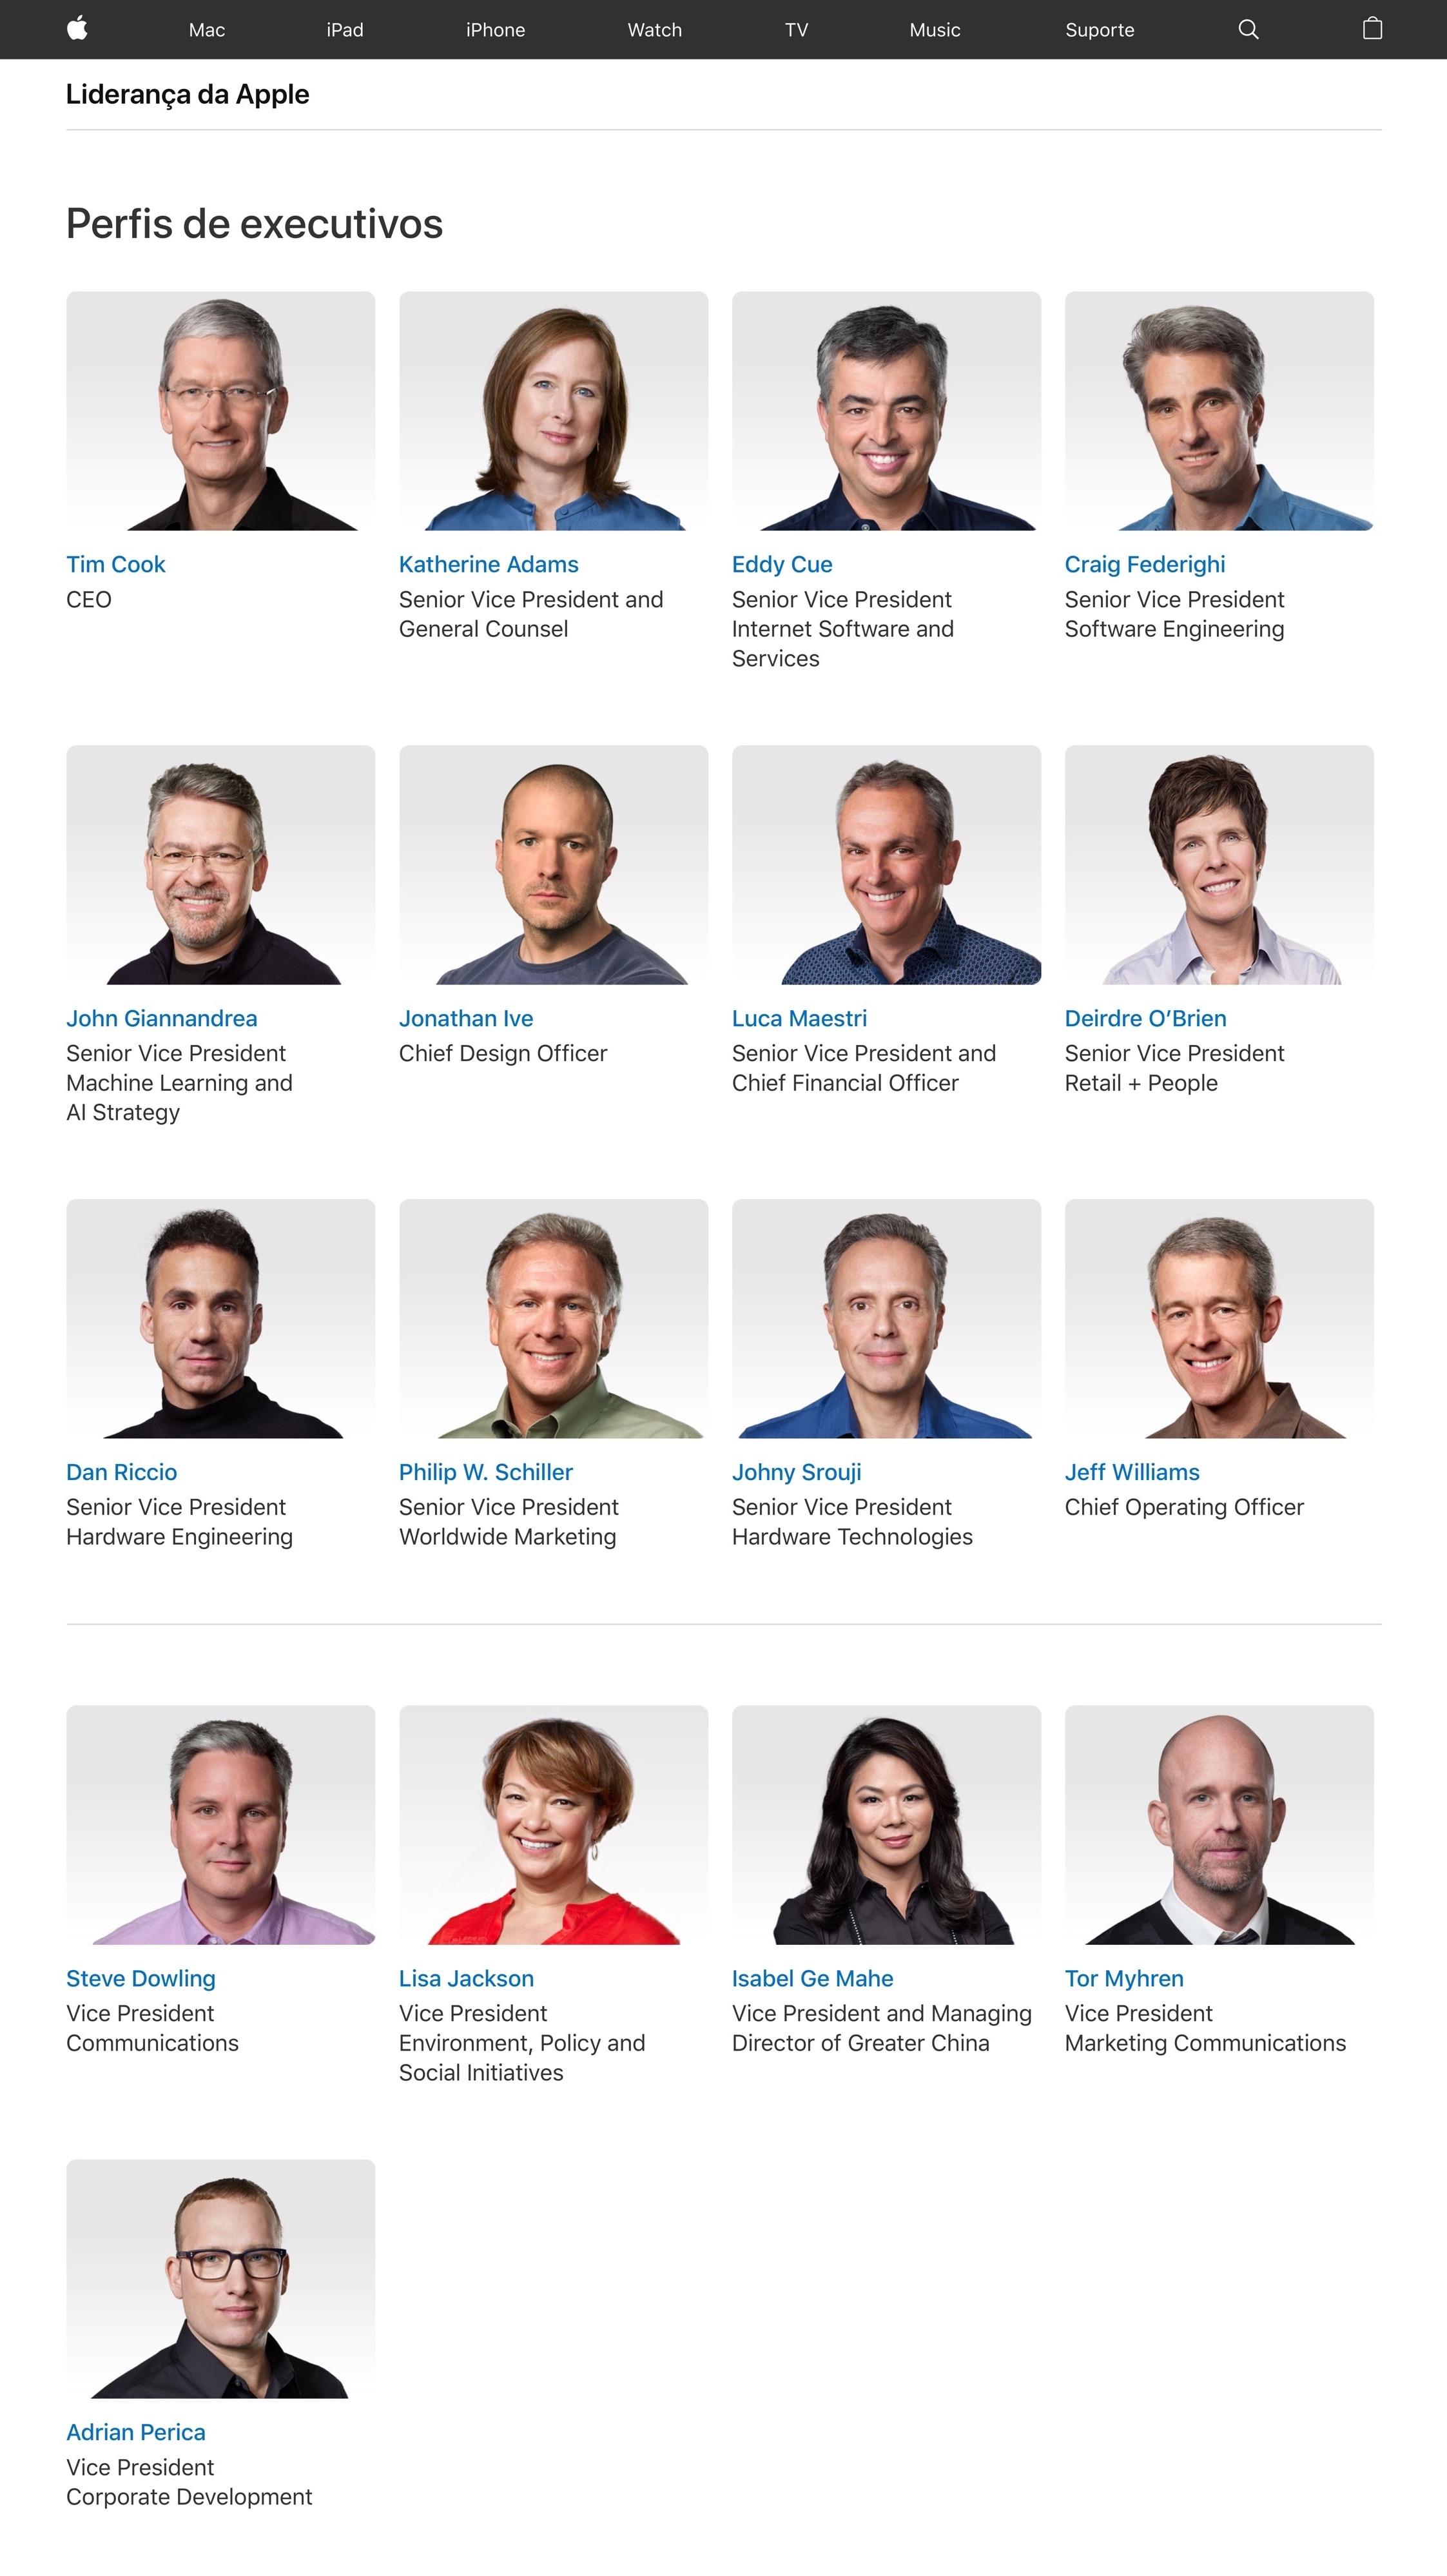 Página de liderança da Apple